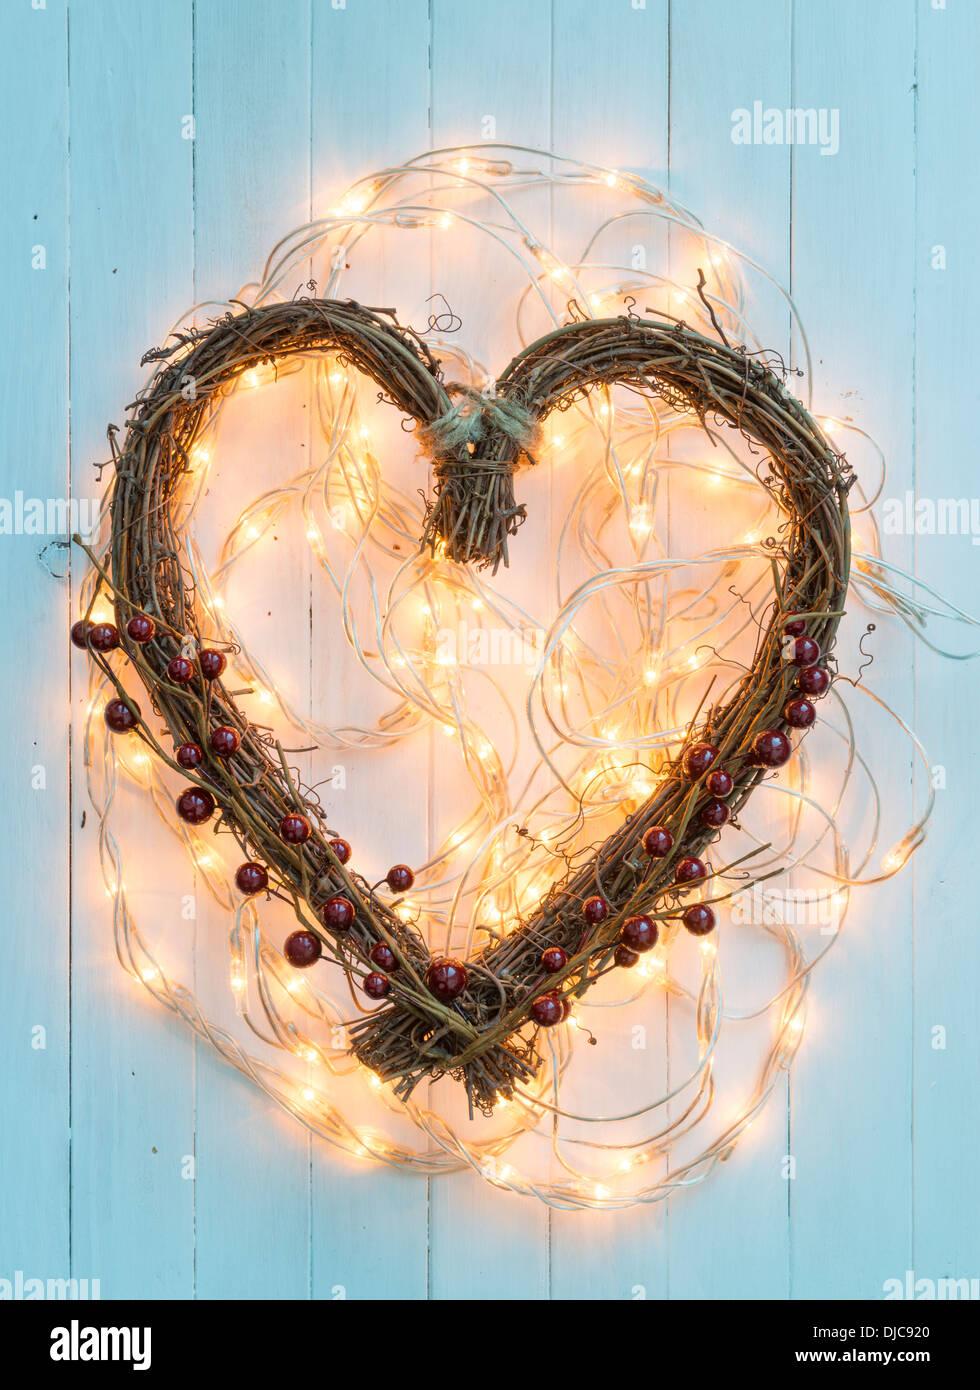 Weihnachtsdekoration in Herzform Stockbild